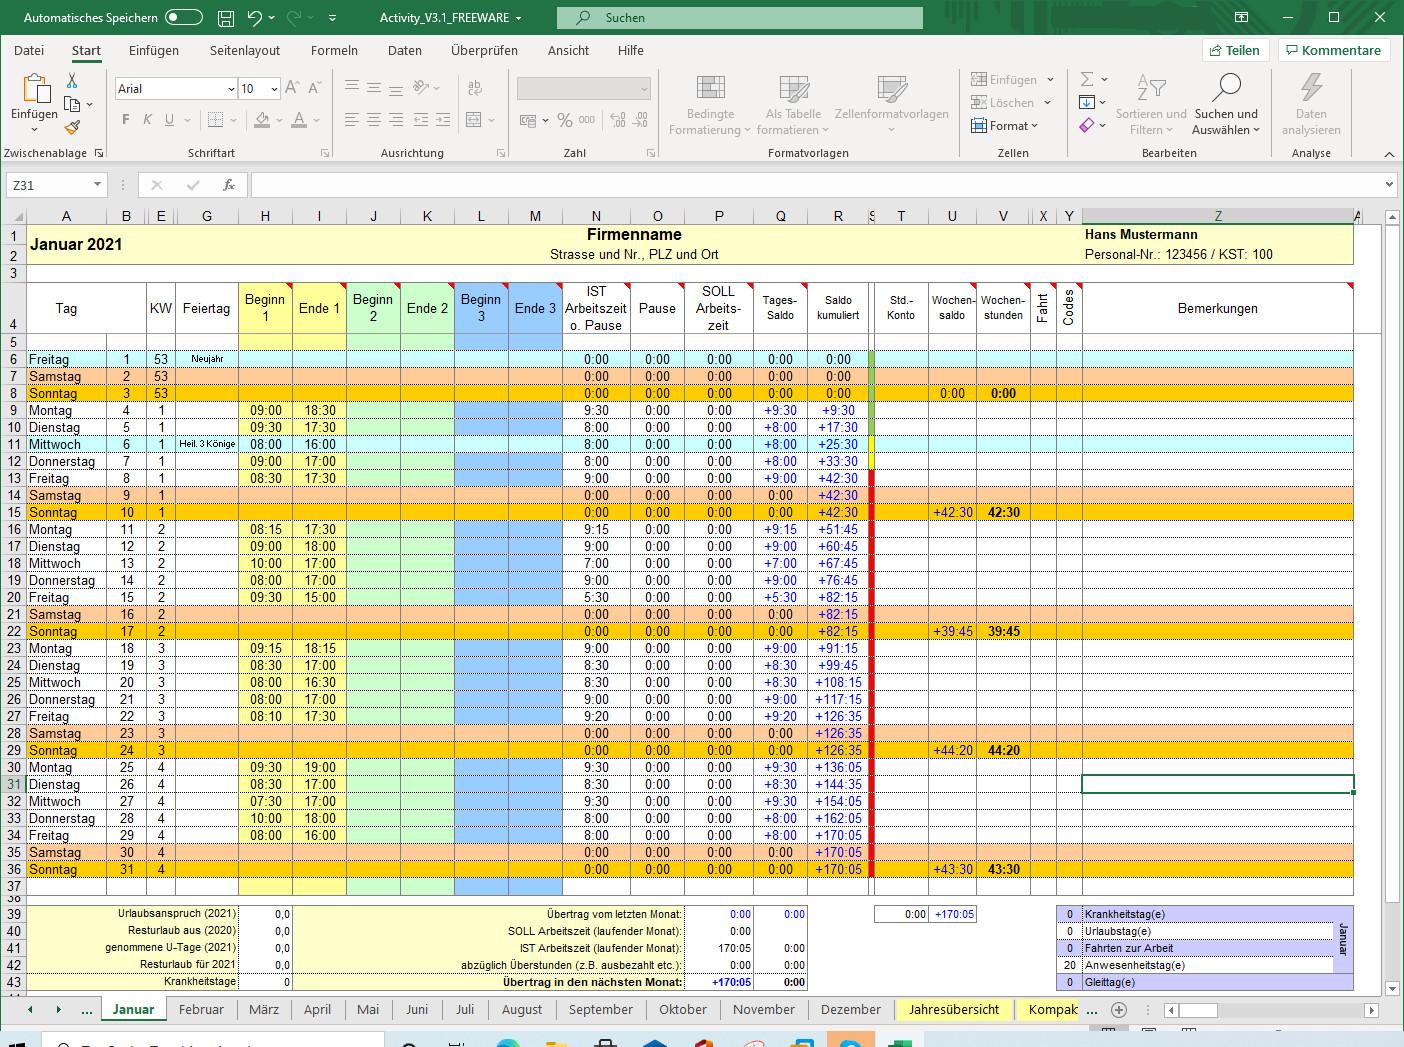 Screenshot 1 - Activity-Report